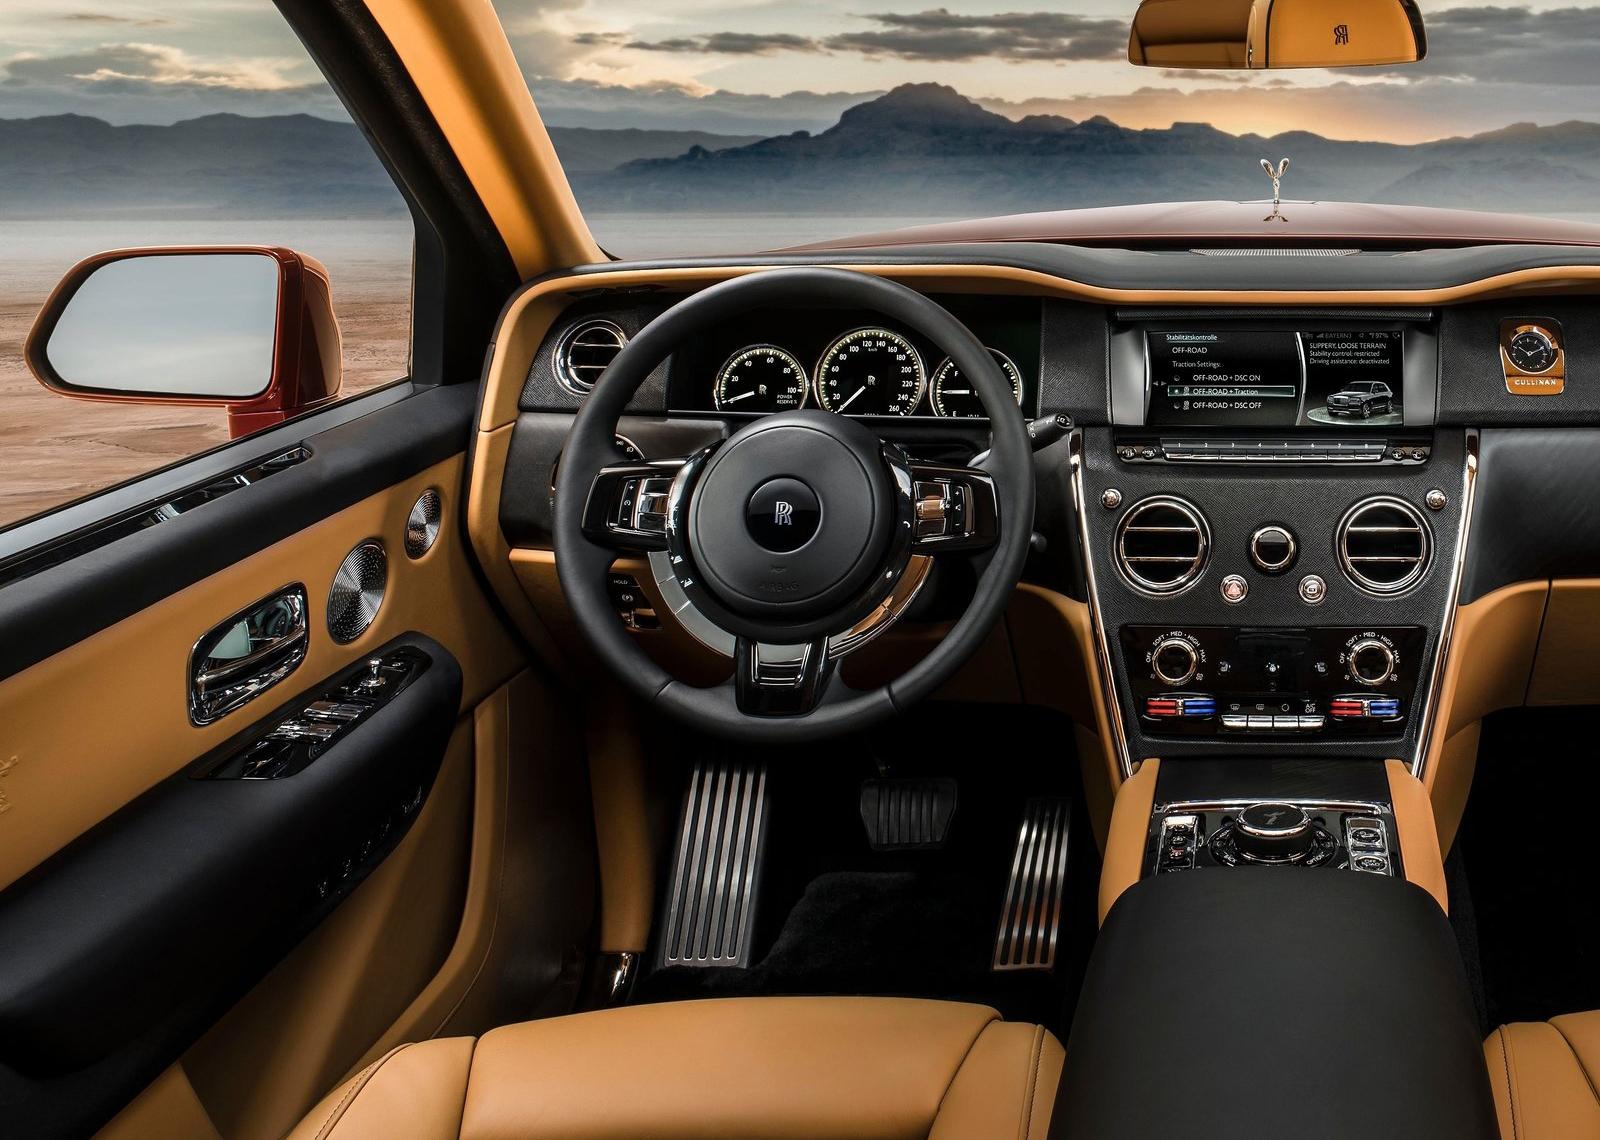 Galeria Revista De Coches Rolls Royce Cullinan 2019 Rolls